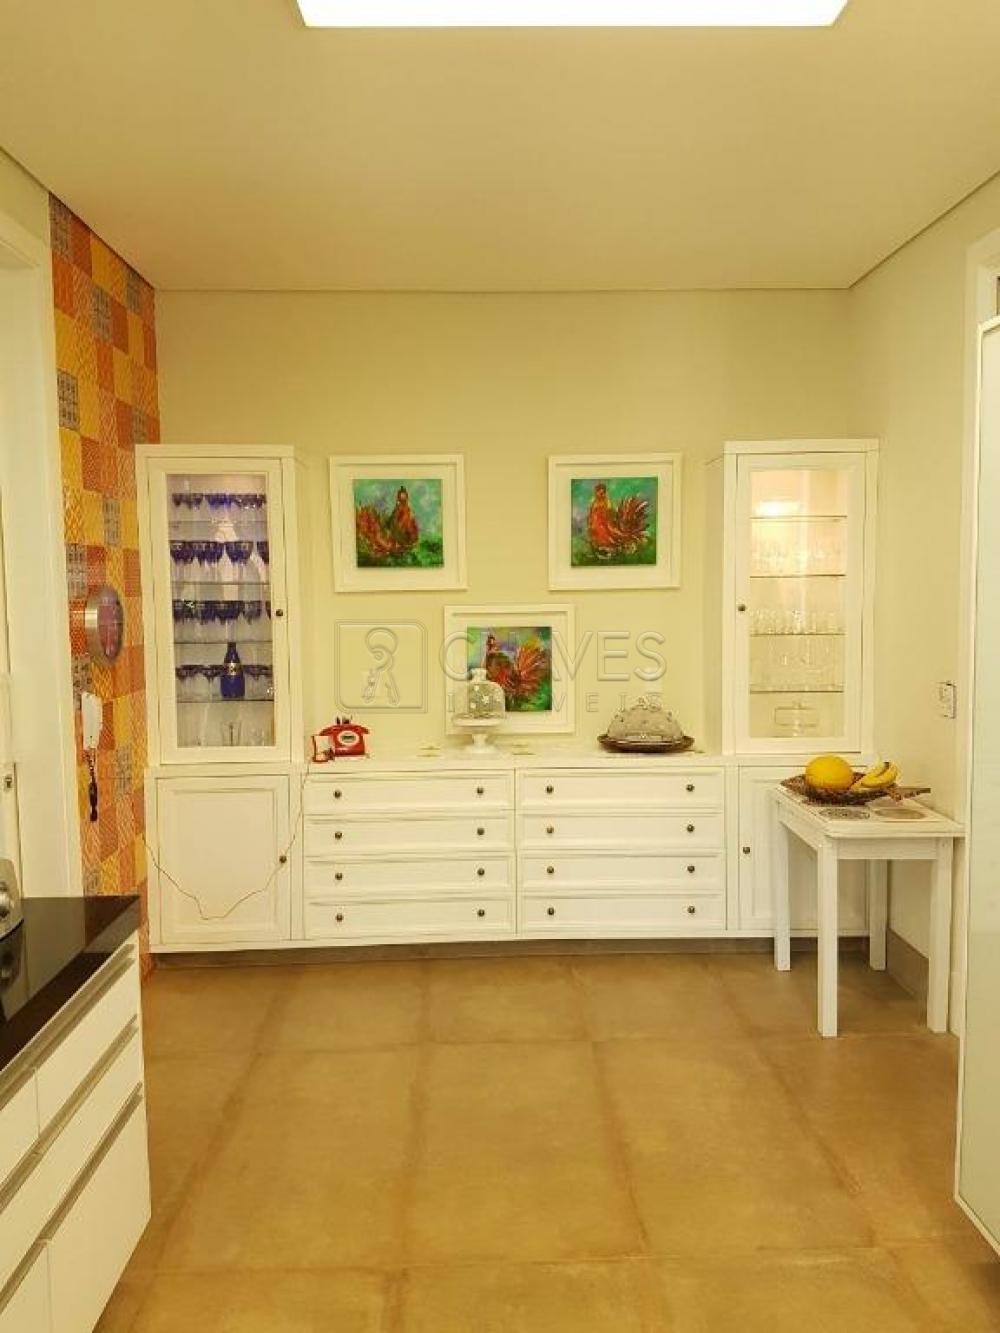 Comprar Casa / Condomínio em Ribeirão Preto apenas R$ 4.800.000,00 - Foto 12